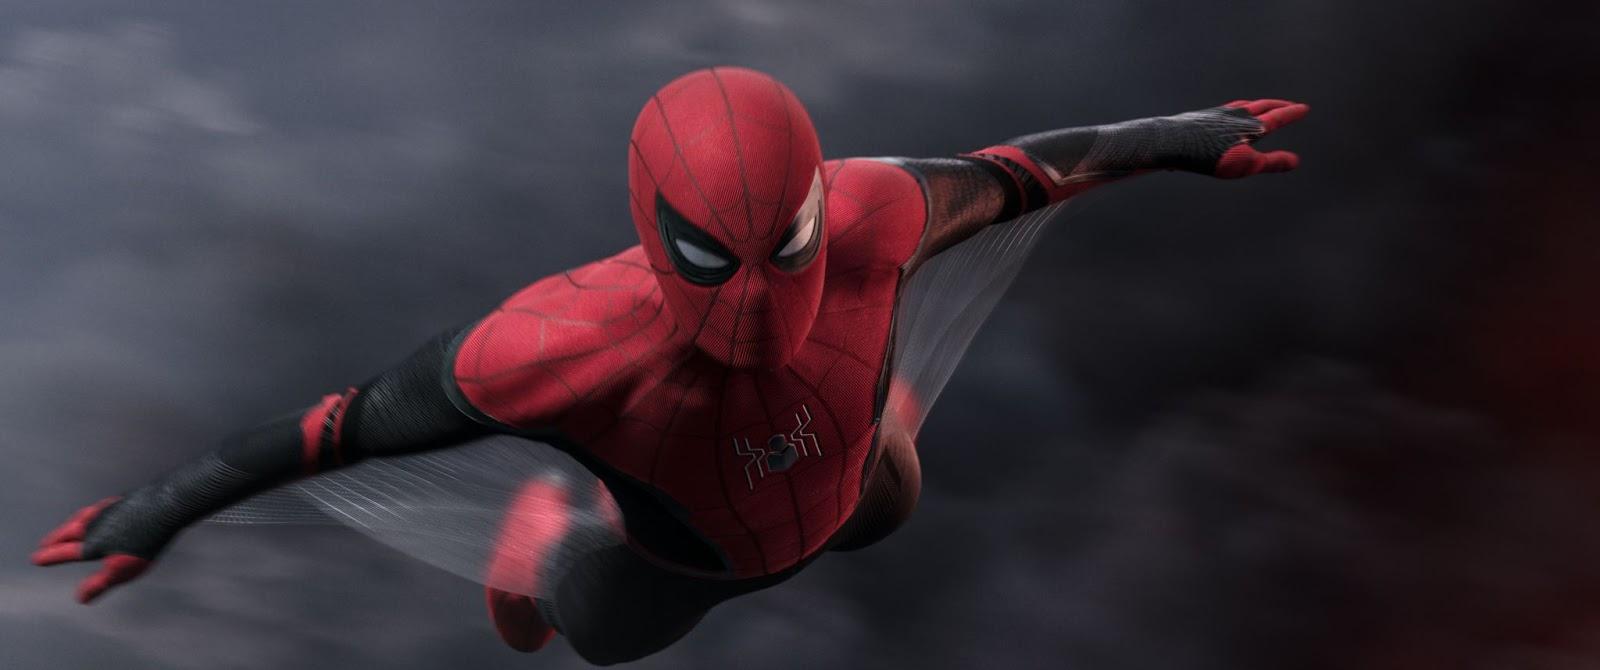 Кто заменит Тони Старка, Человек Паук или Мистерио ?